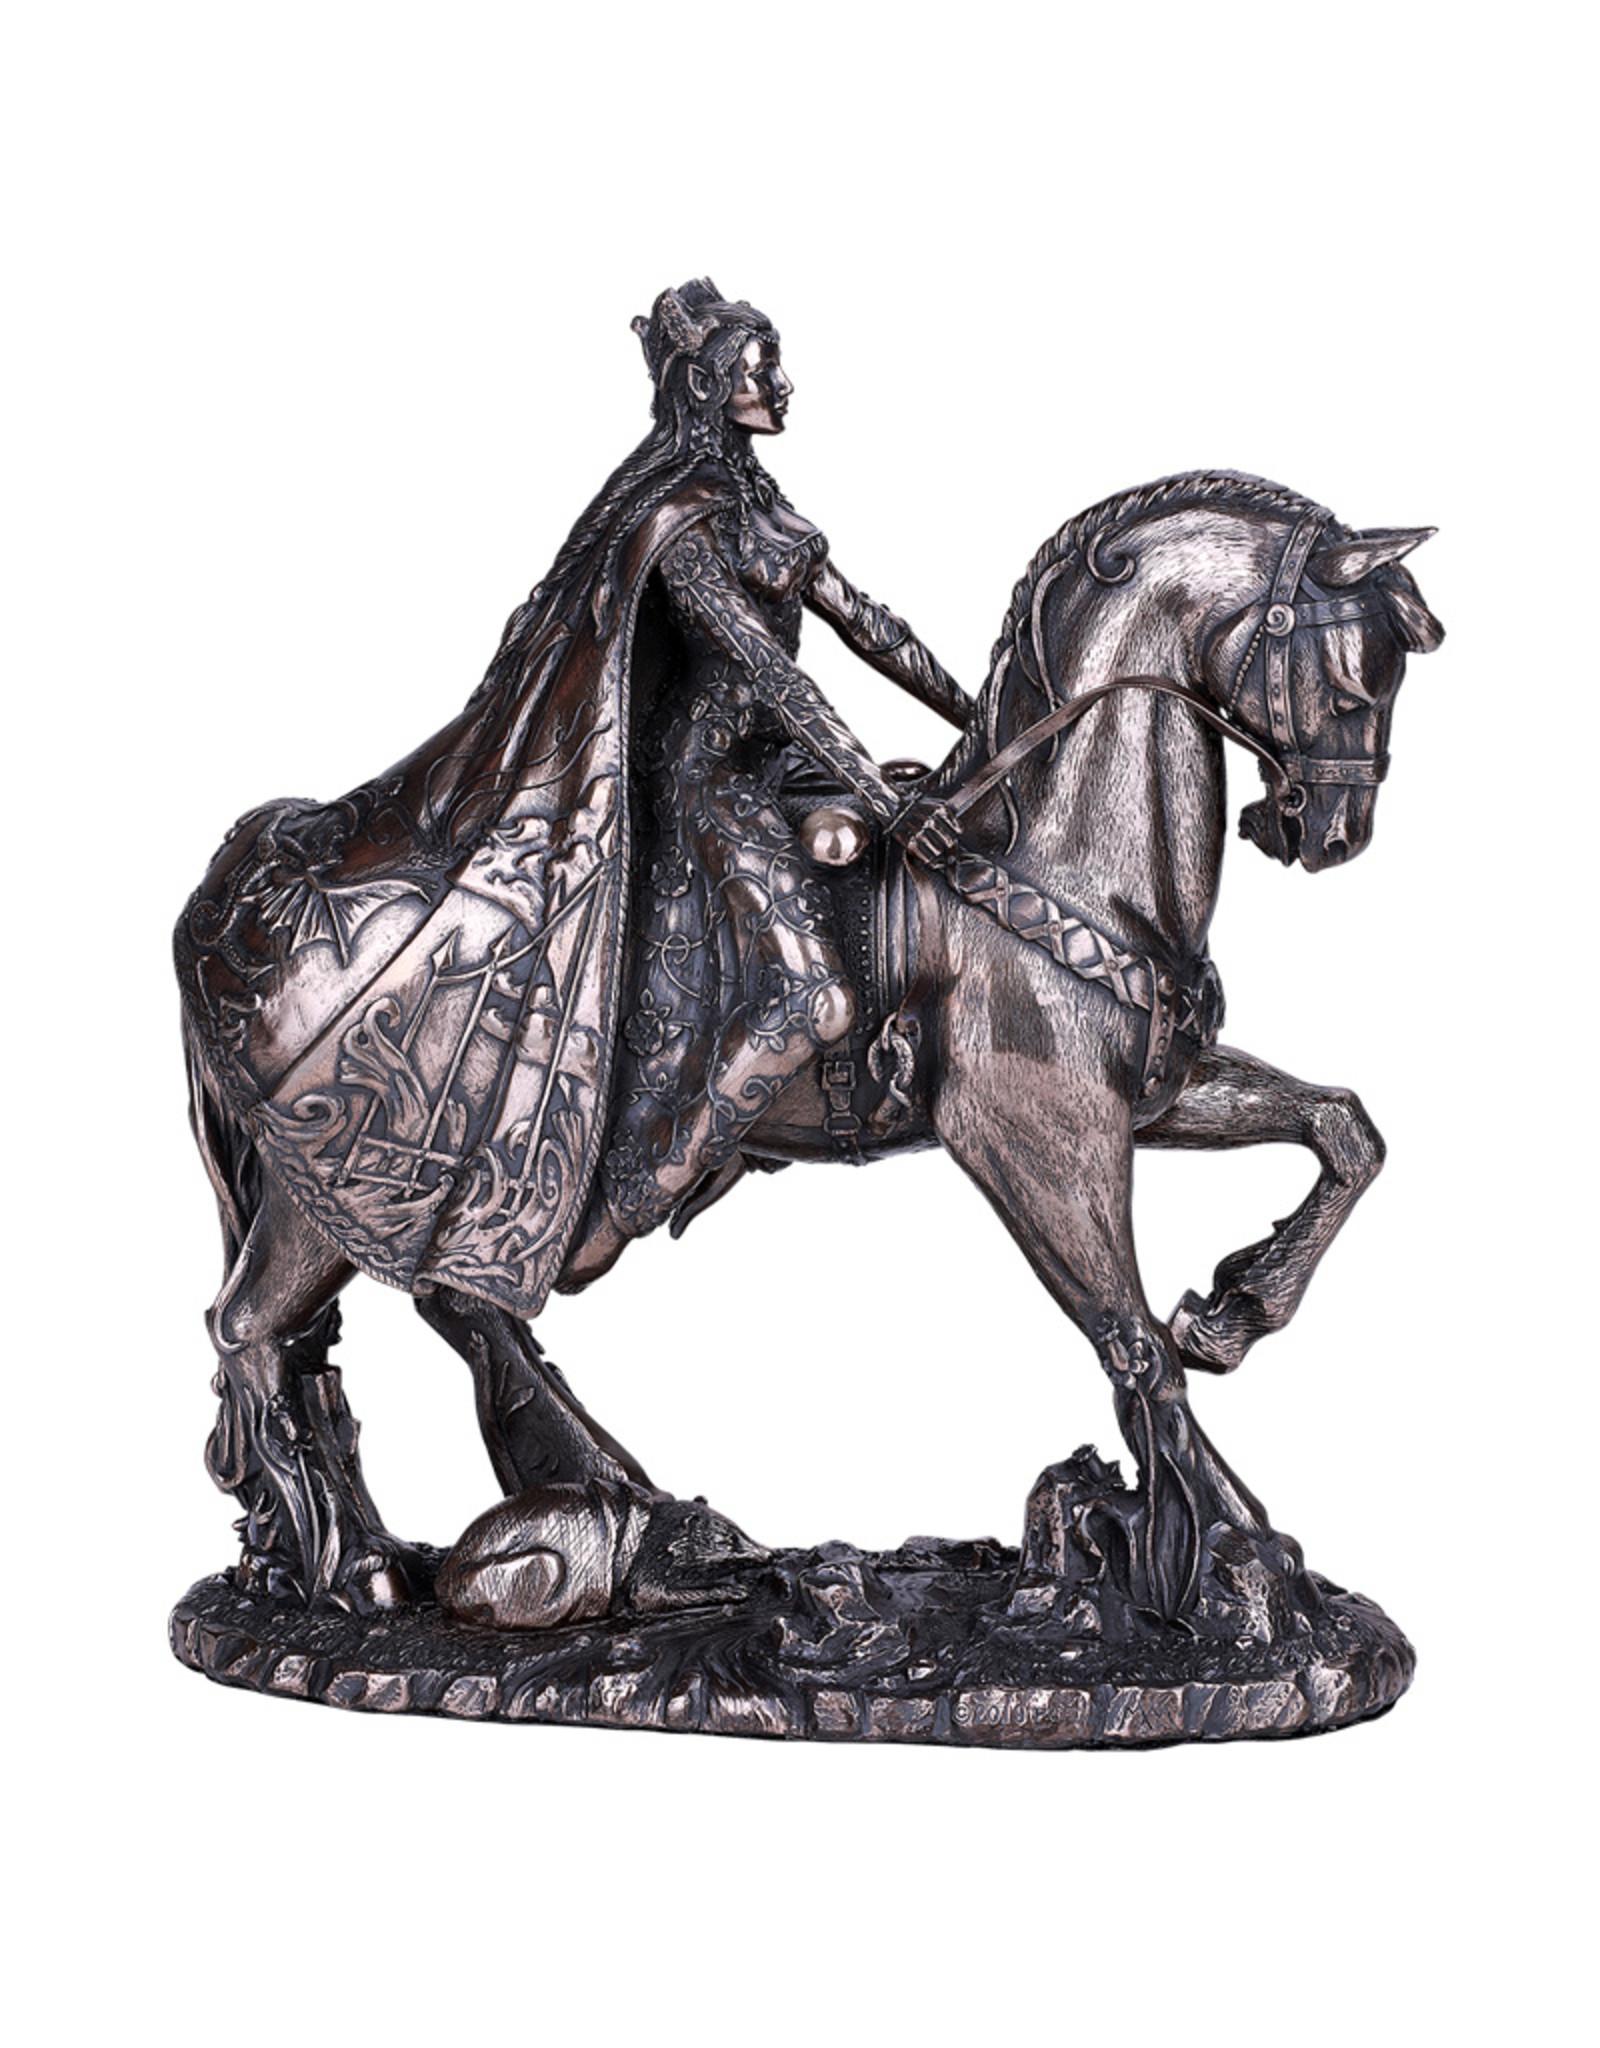 Rhiannon on a Horse Statue in Cold Cast Bronze